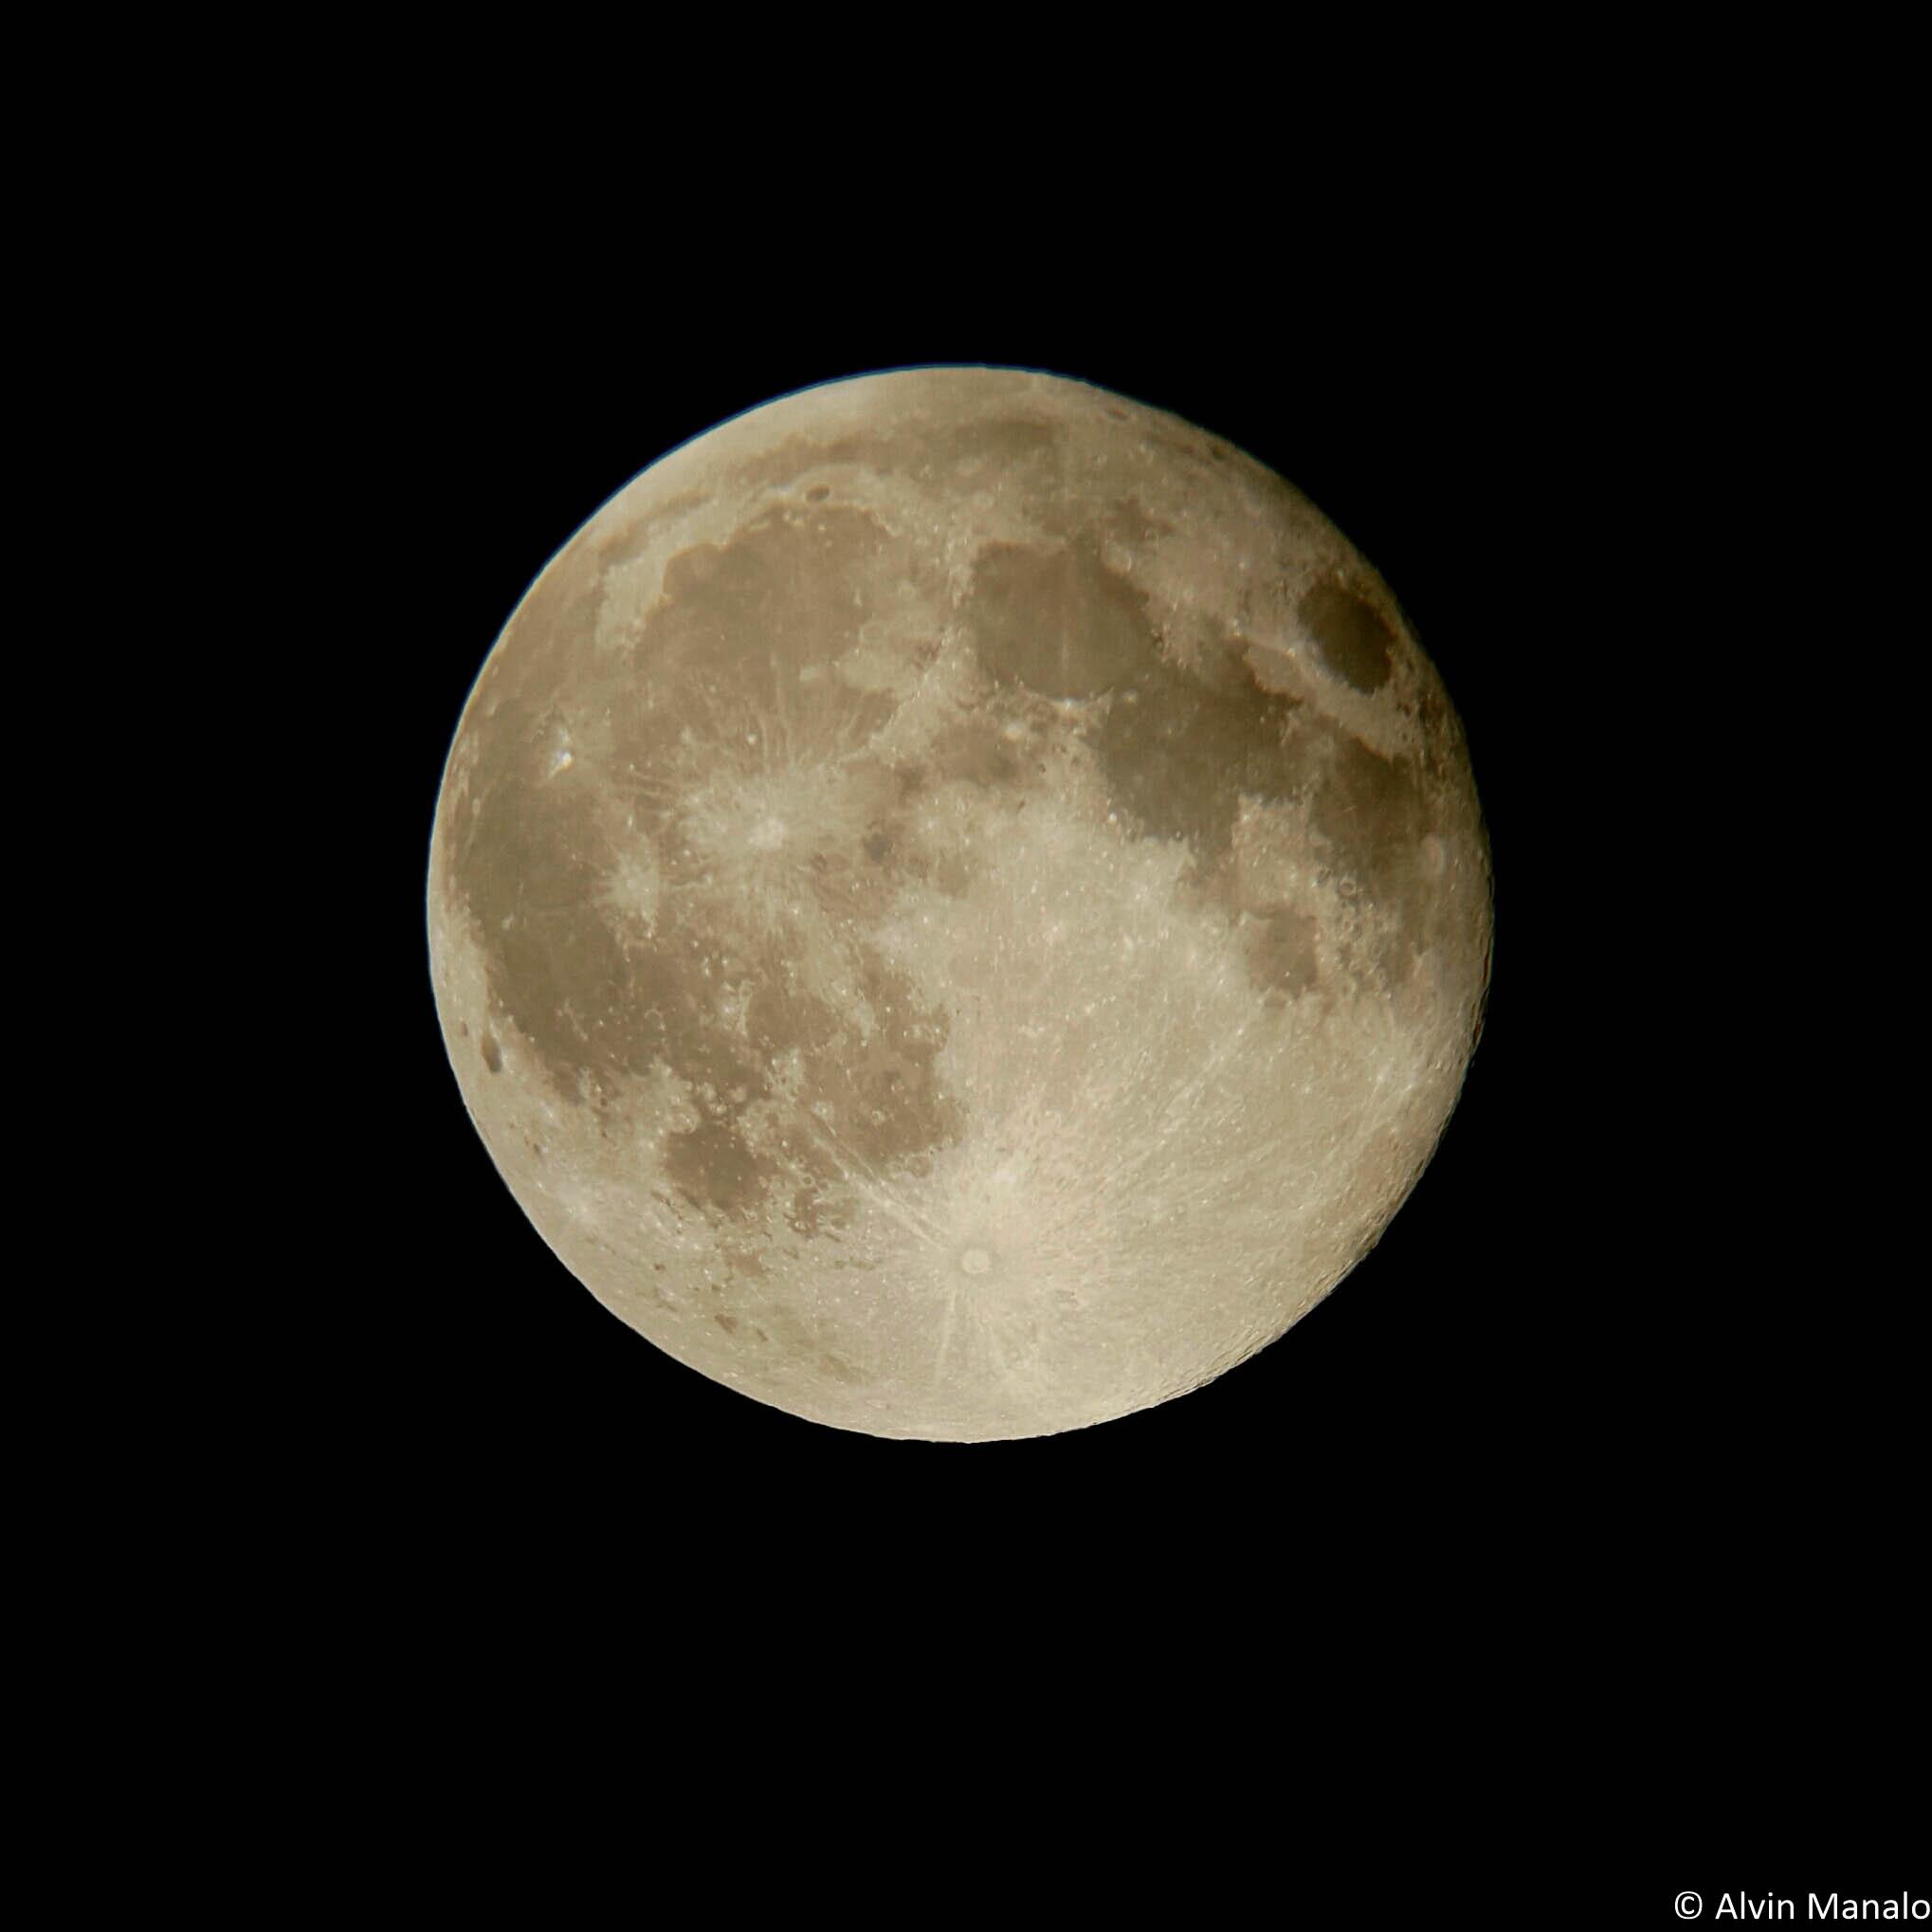 moon20150829e-0044e3e39de915e82d1bac567b4a319ef2ec403d